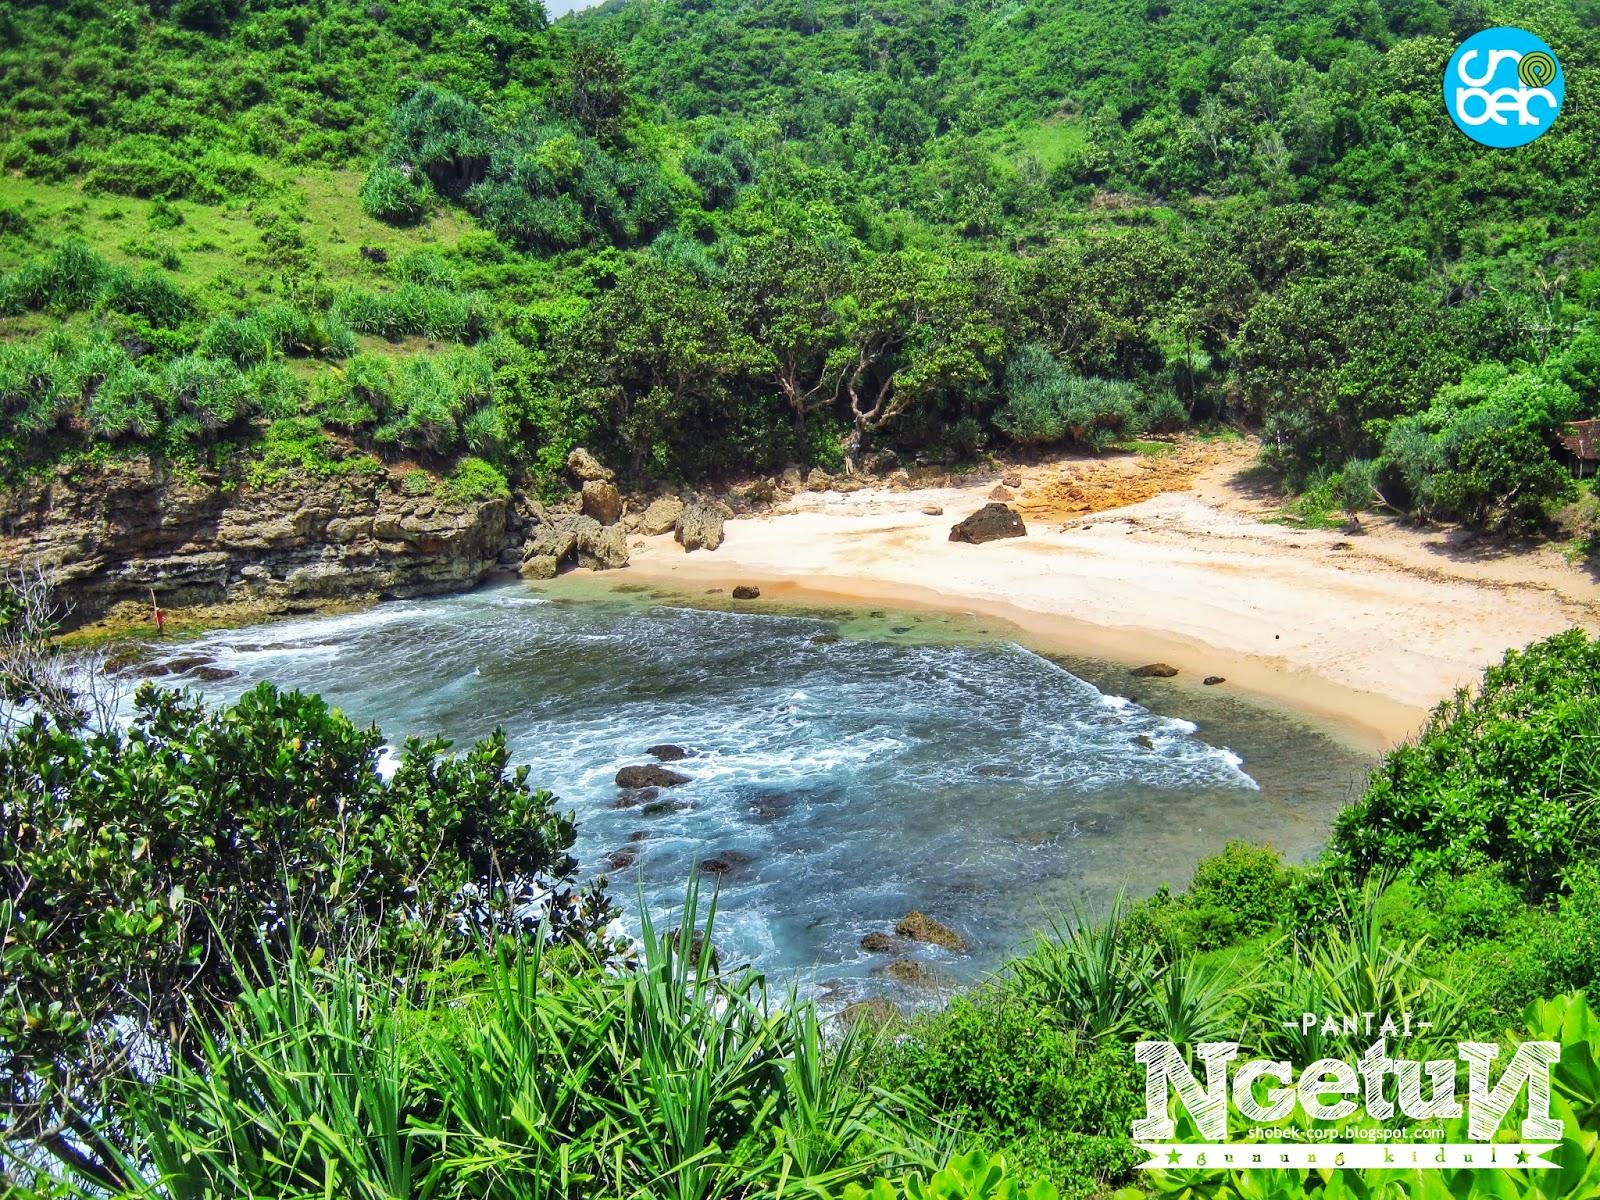 [Ajakan] Camping di Pantai Ngetun, Tepus, Gunungkidul 5-6 ...